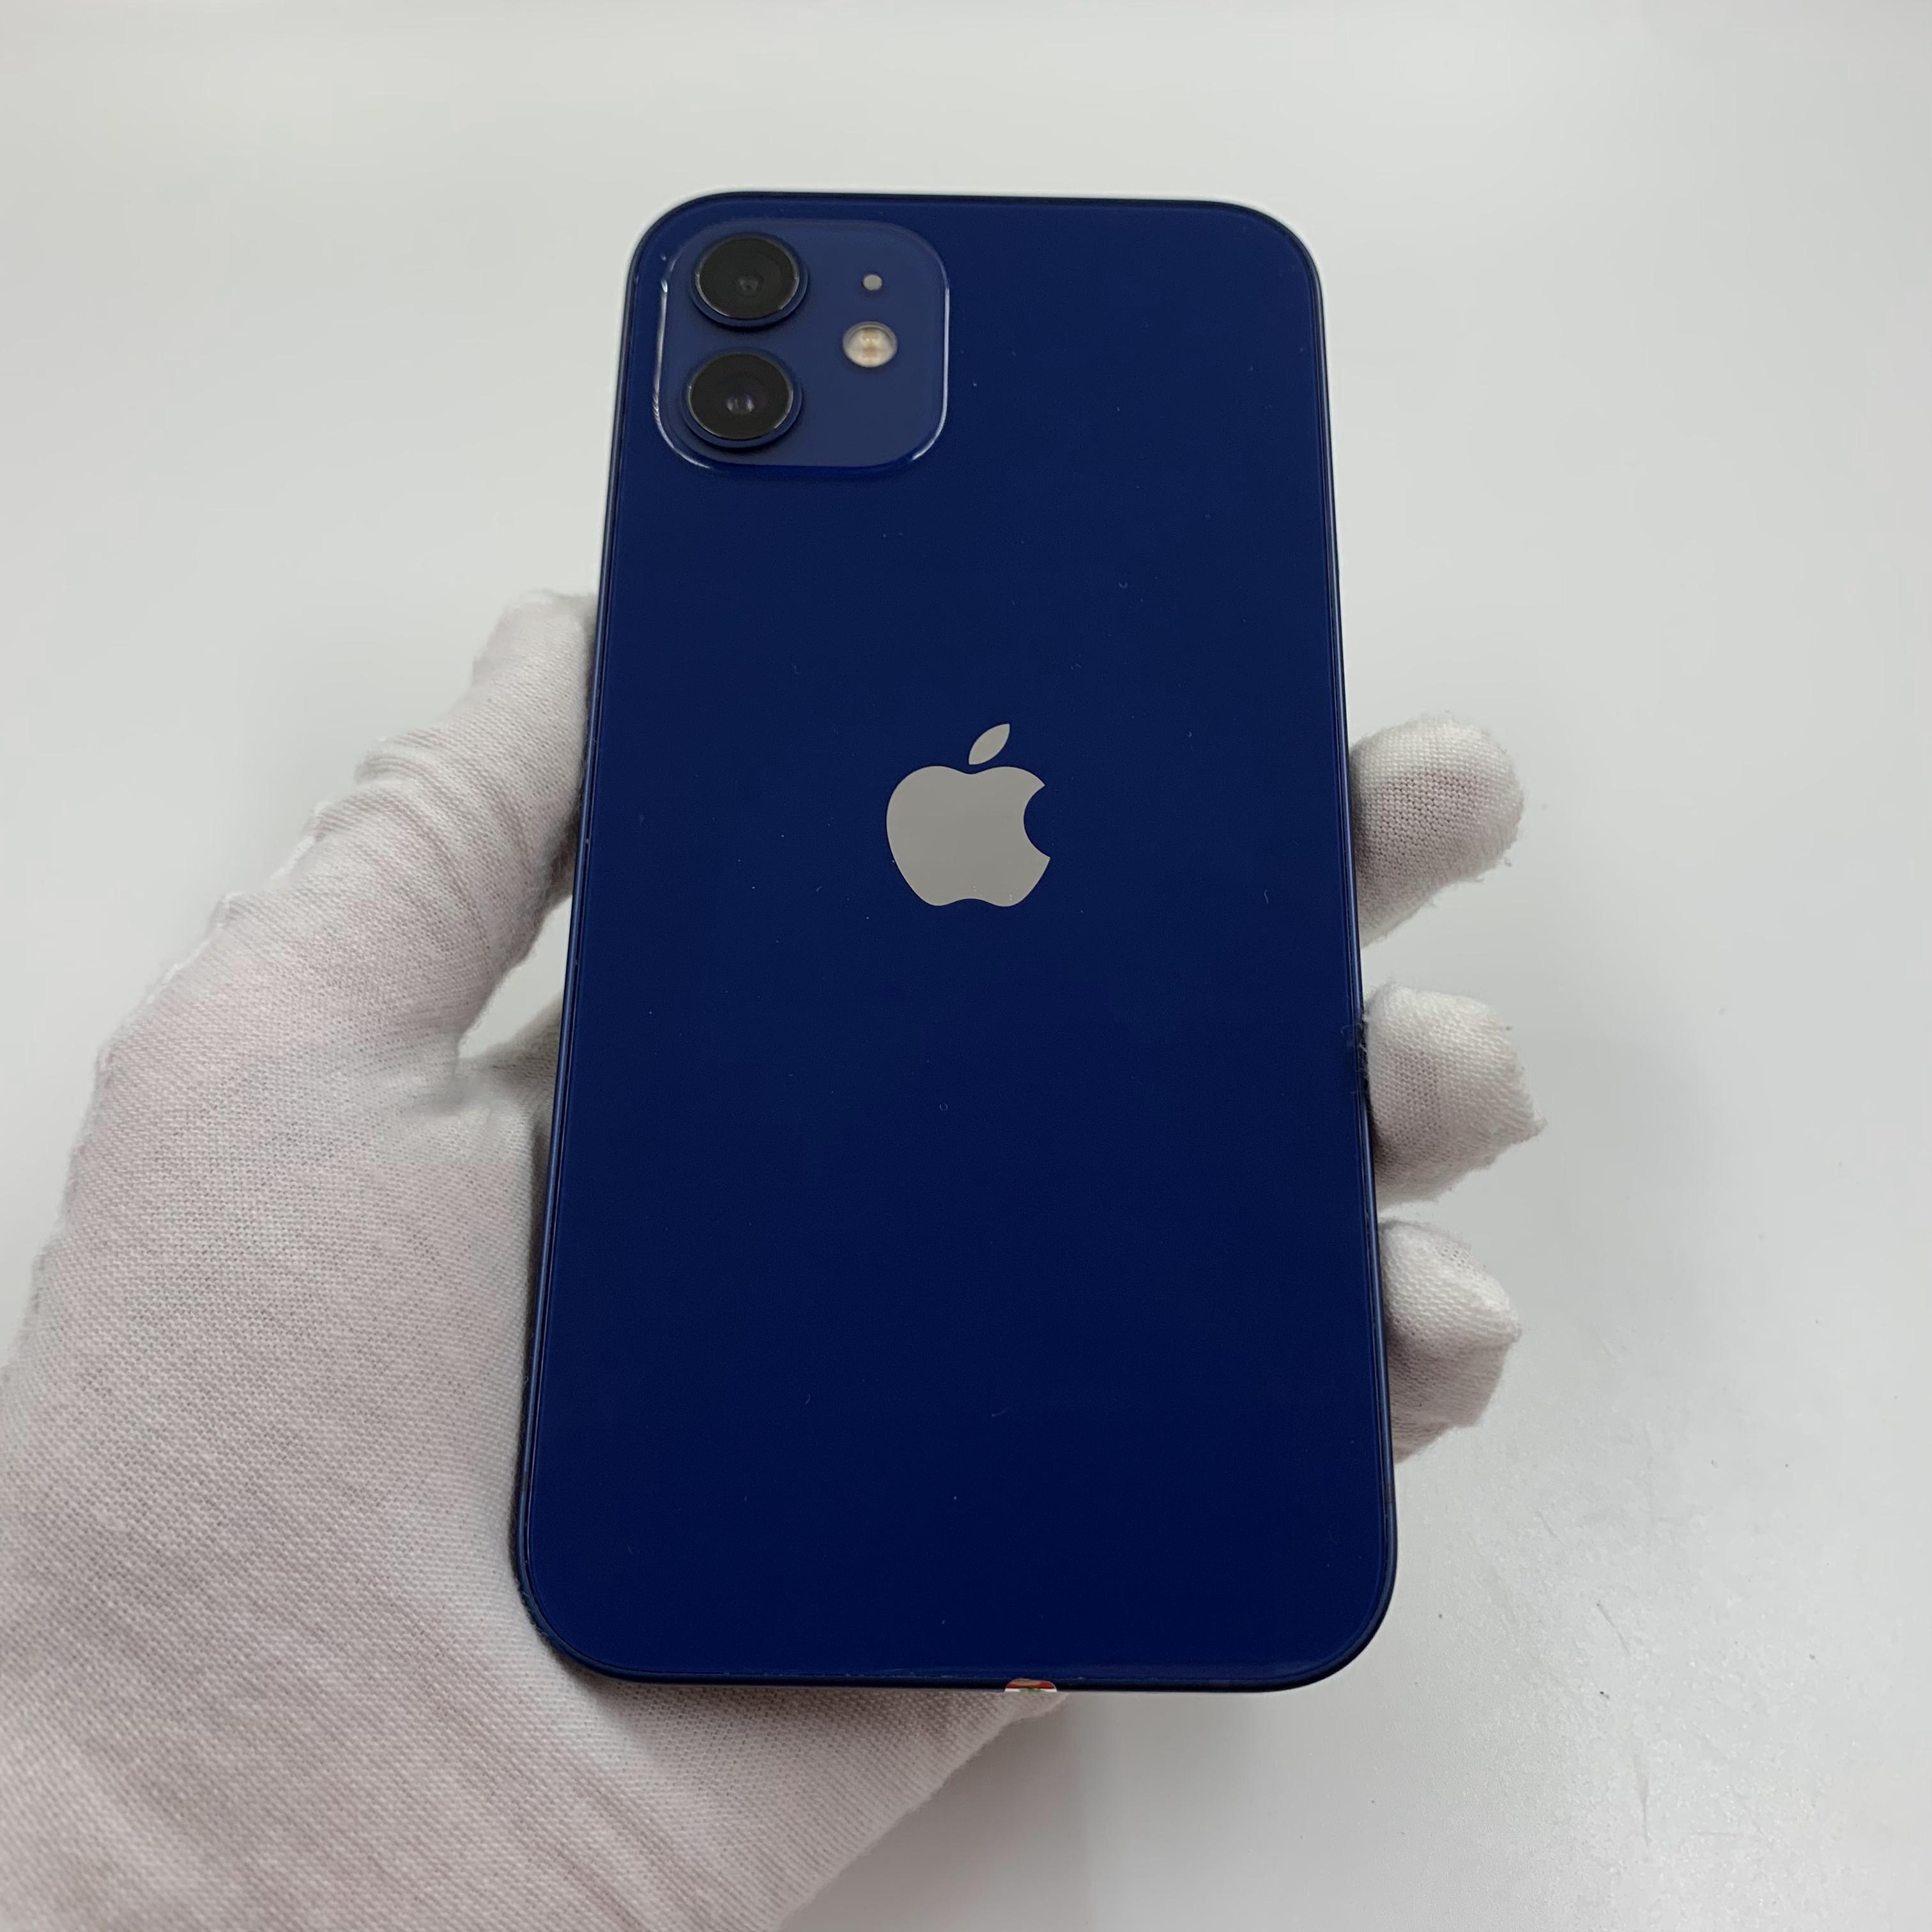 苹果【iPhone 12】5G全网通 蓝色 64G 国行 95新 真机实拍官保2021-11-17